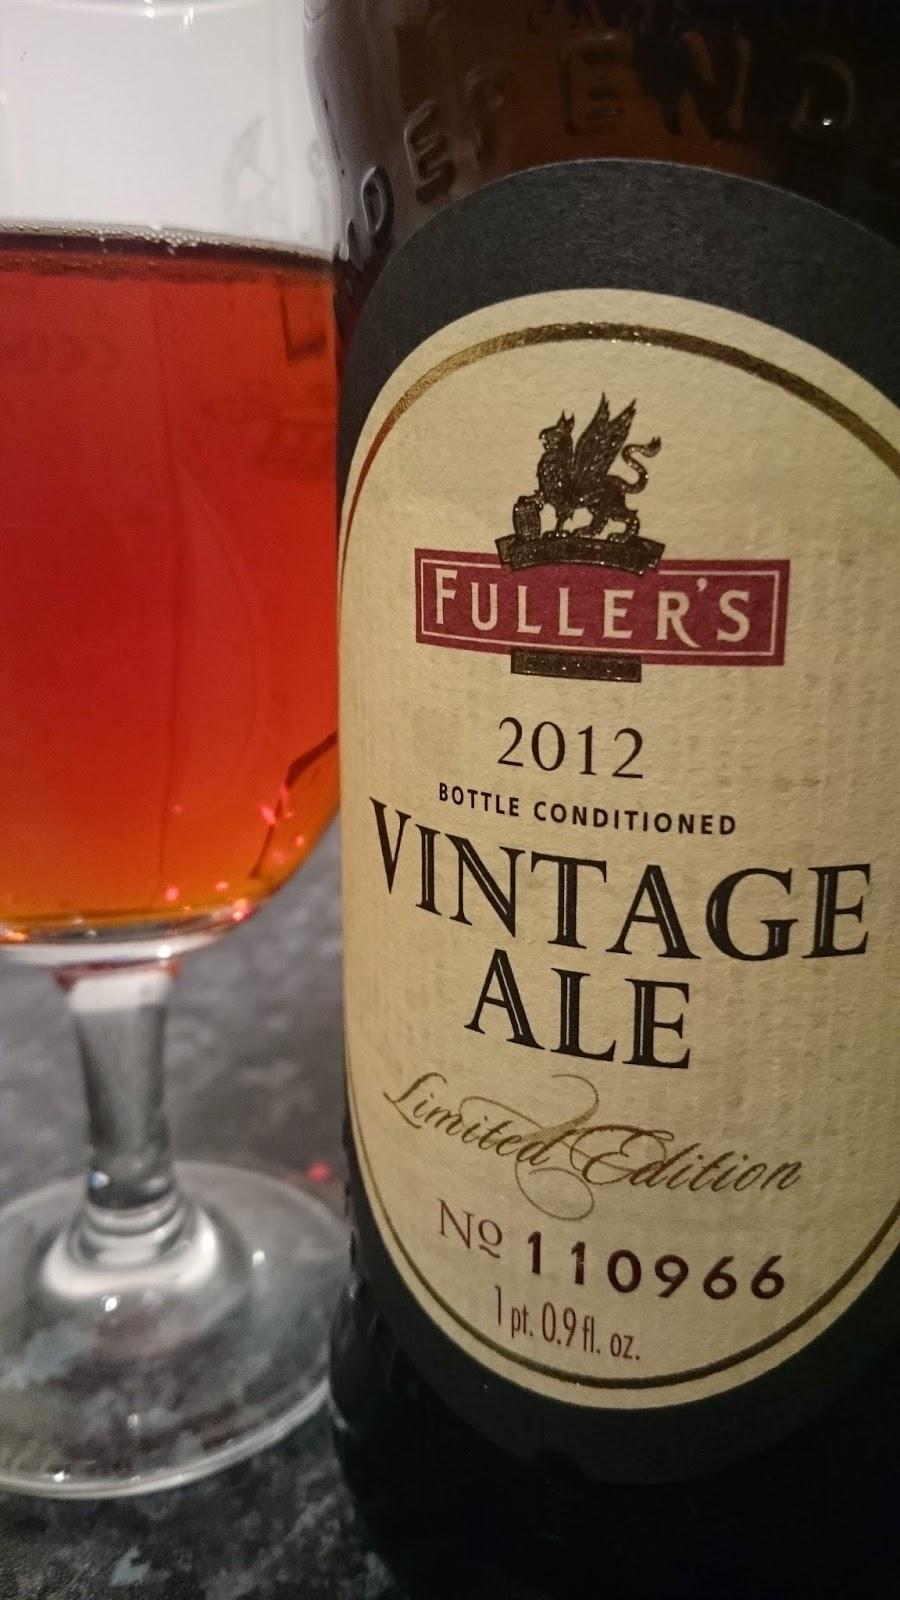 Fuller's Vintage Ale 2012